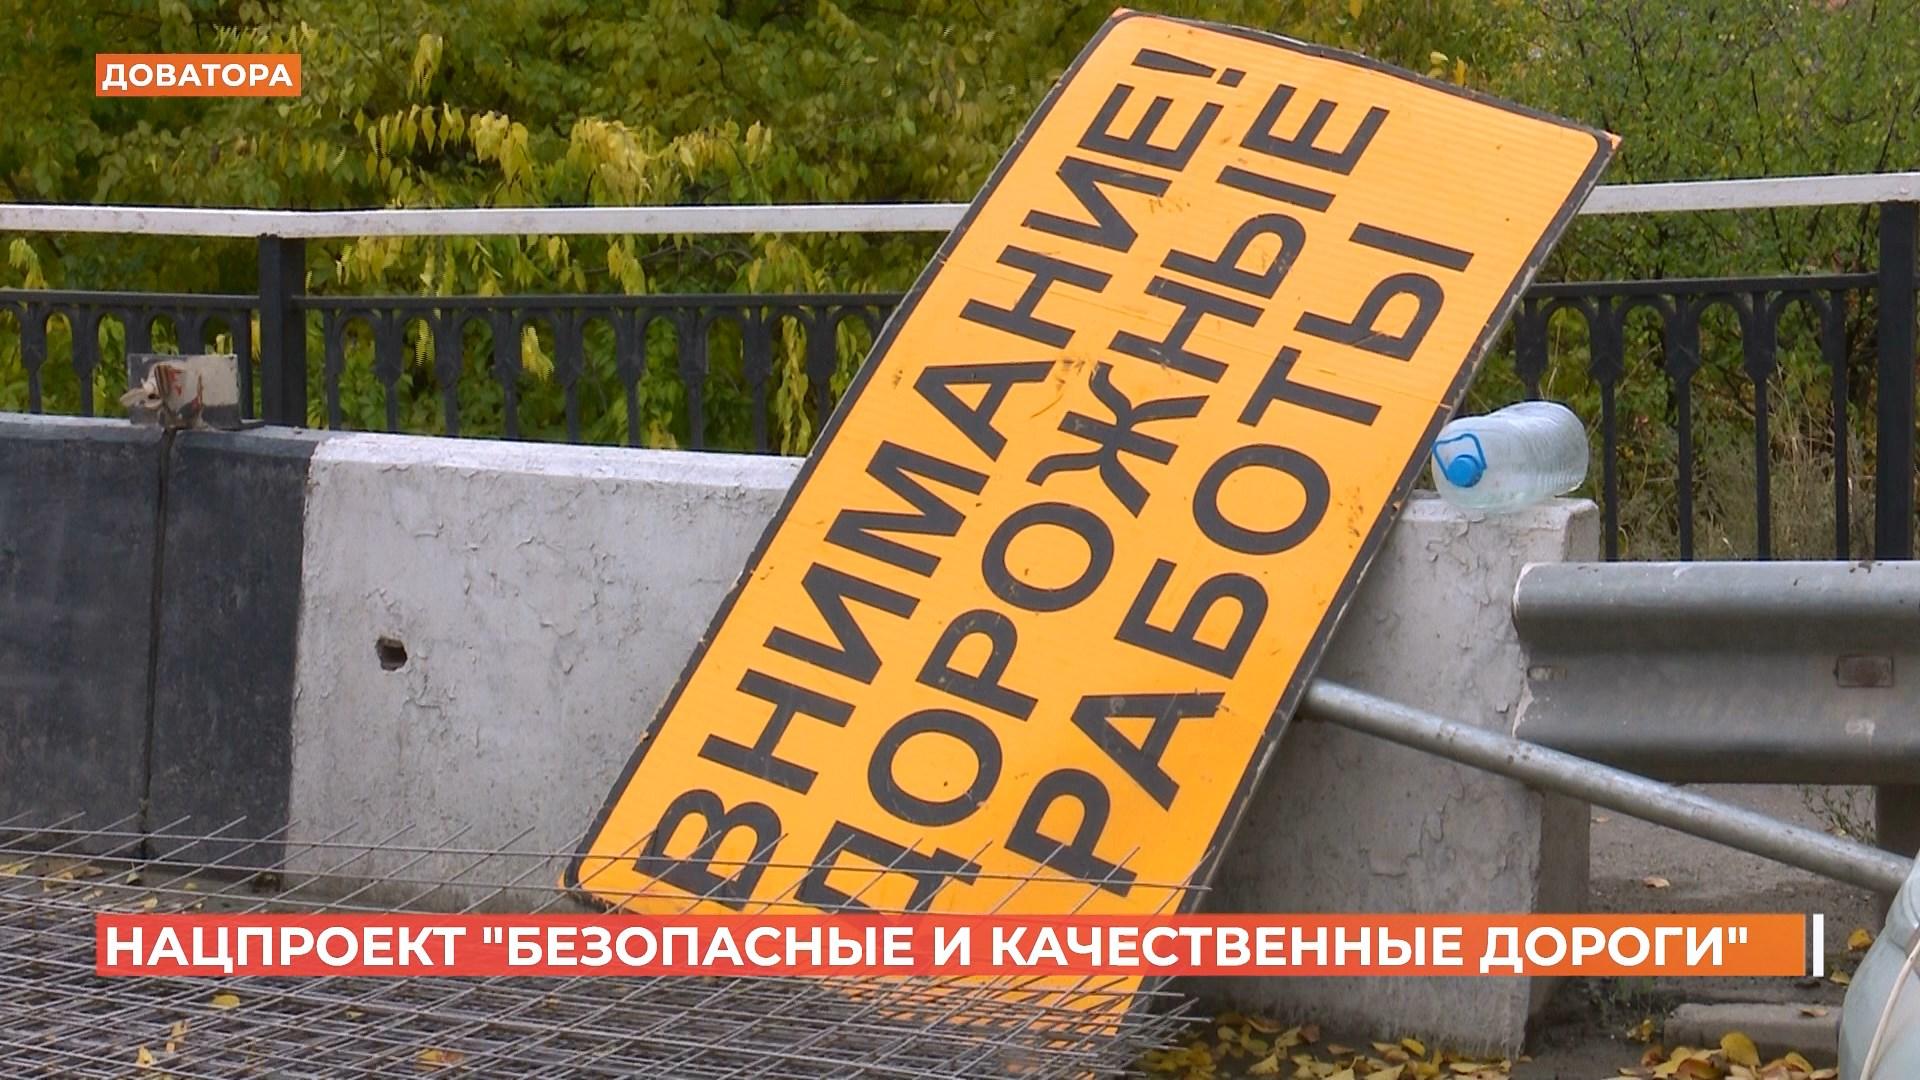 Как реализуют проект «Безопасные и качественные дороги» на Дону, рассказали в Росавтодоре